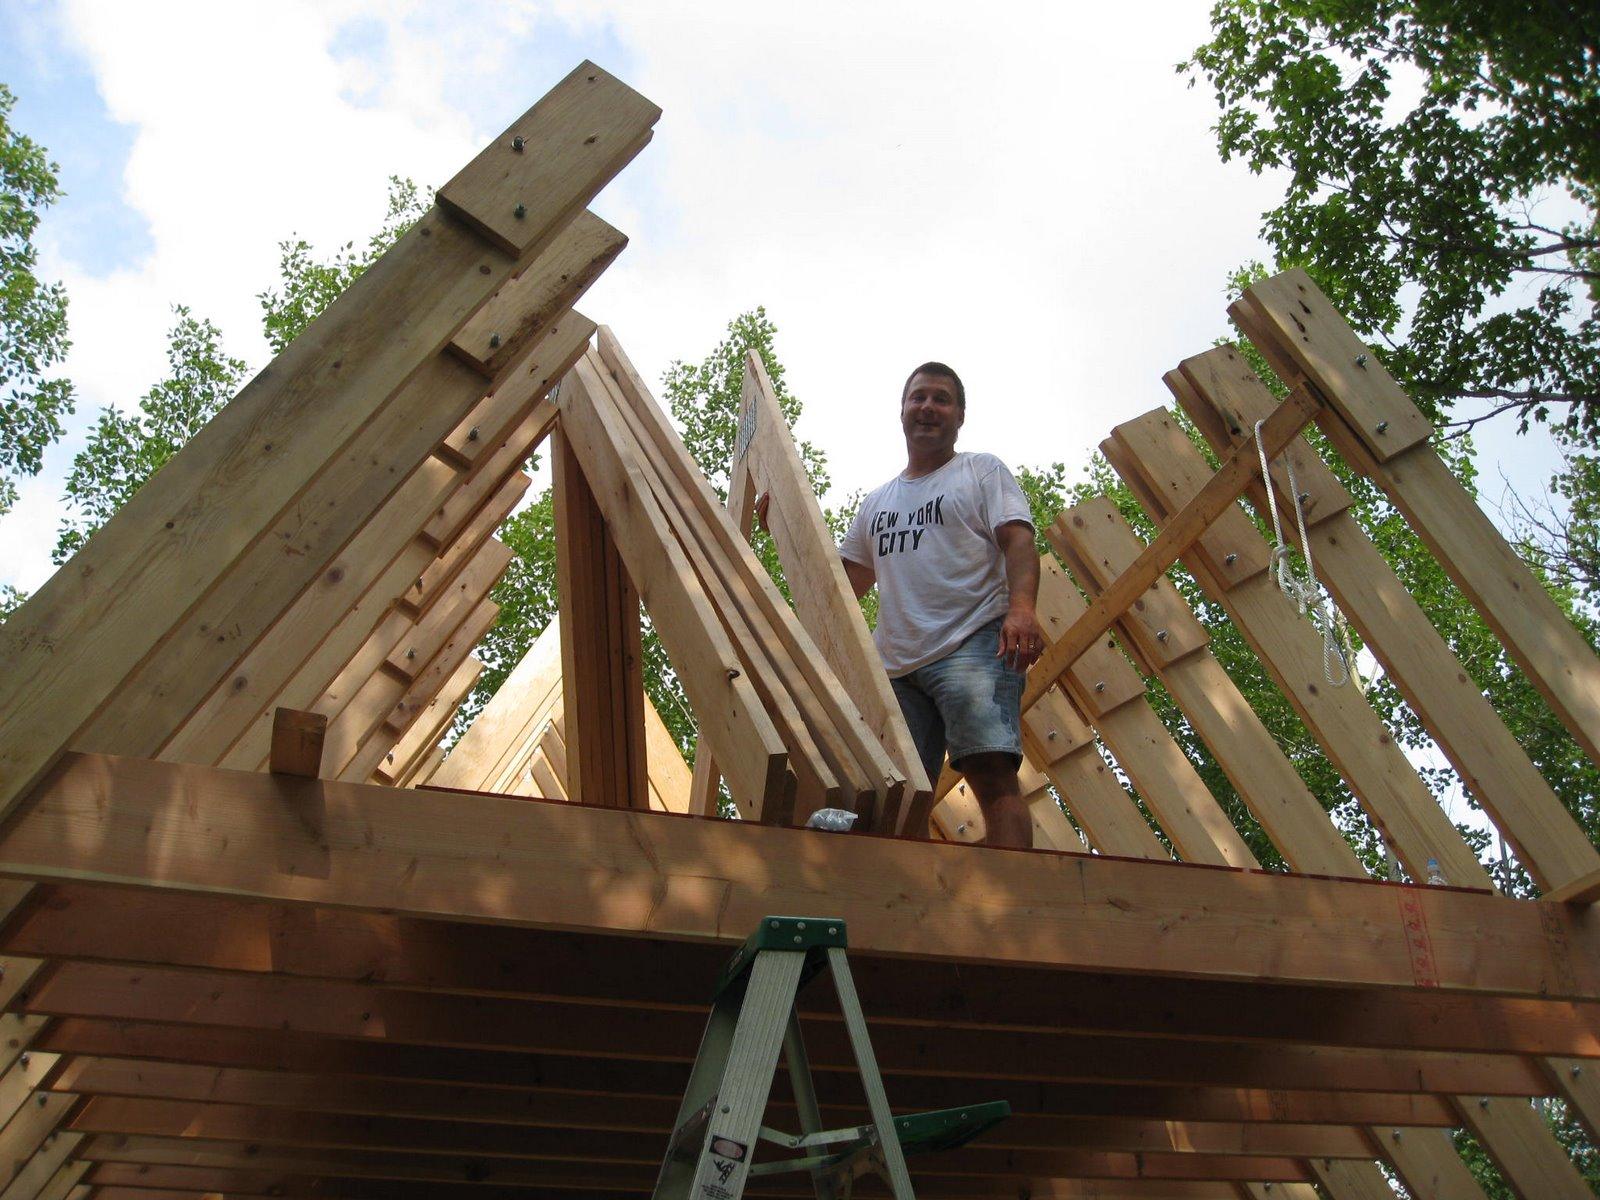 Building An A Frame House : Need advice on building an a frame house